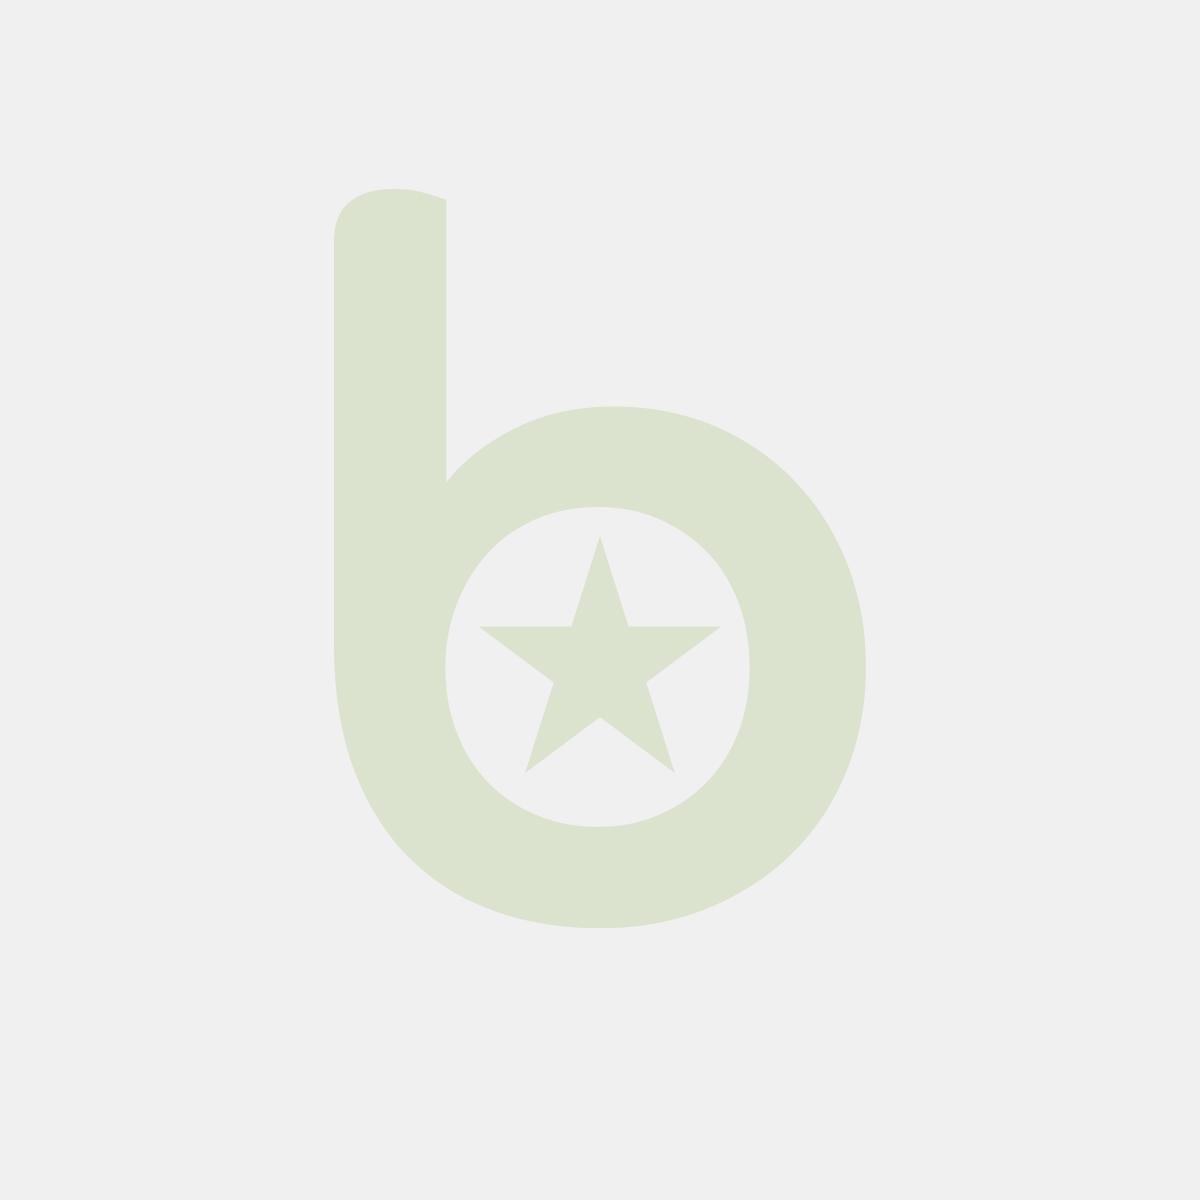 Pojemnik obiadowy do zgrzewu K 227/1, niedzielony, biały, 227x178x50, cena za opakowanie 50szt